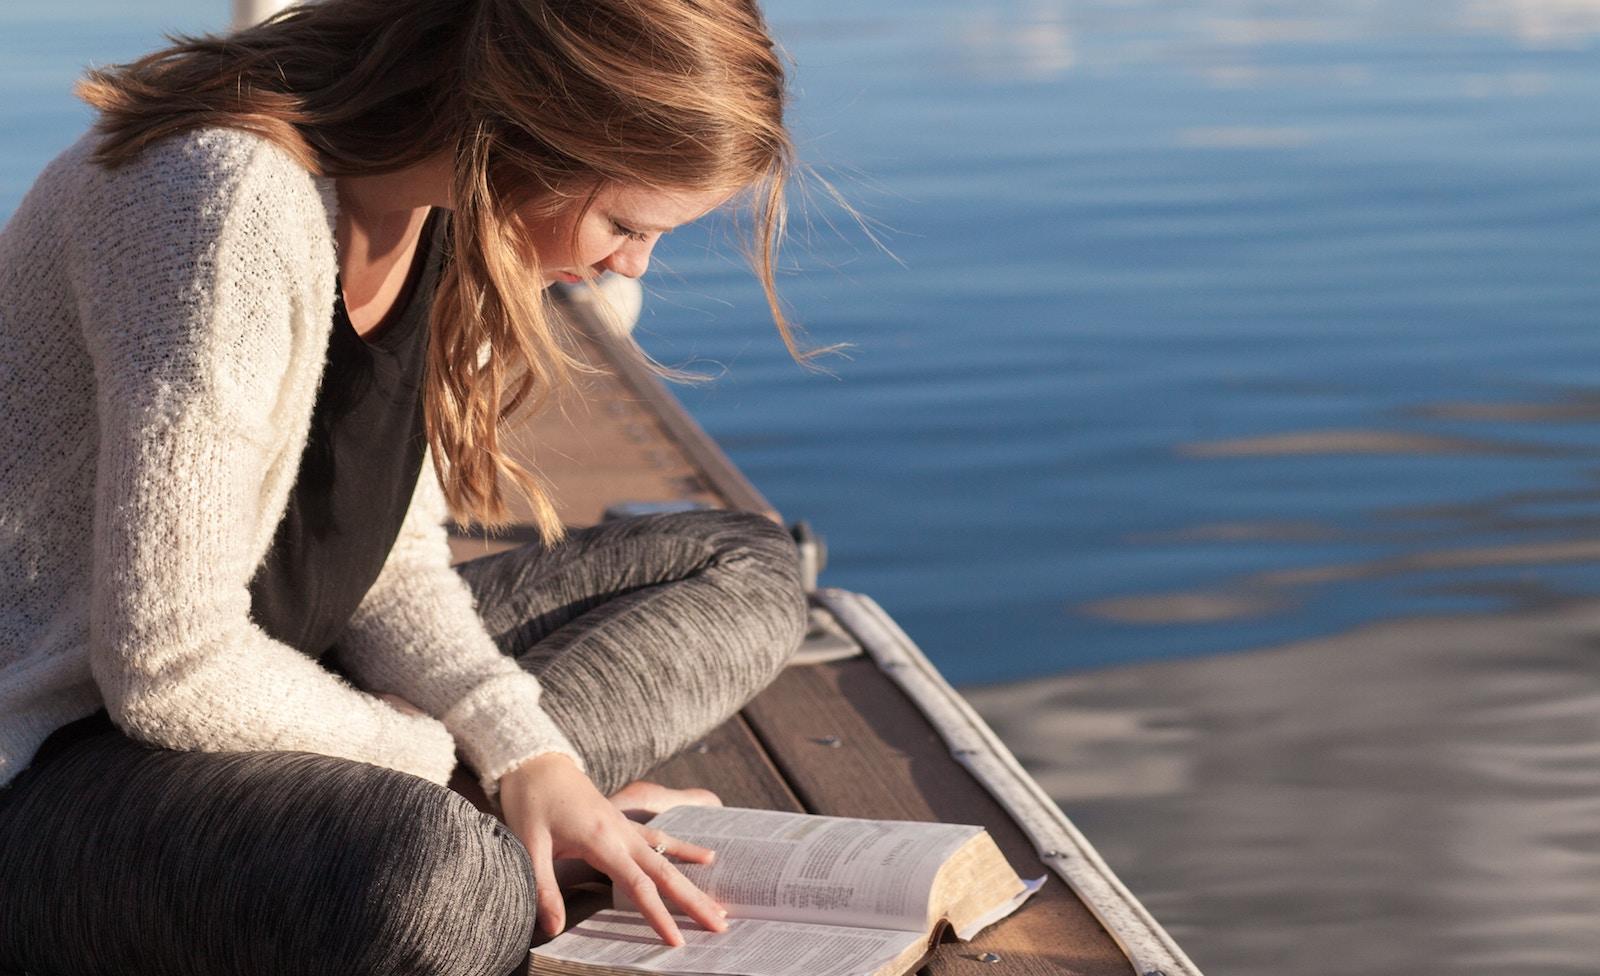 Українські школярі вивчатимуть літературу по-новому — від Ніла Ґеймана до Стівена Кінґа